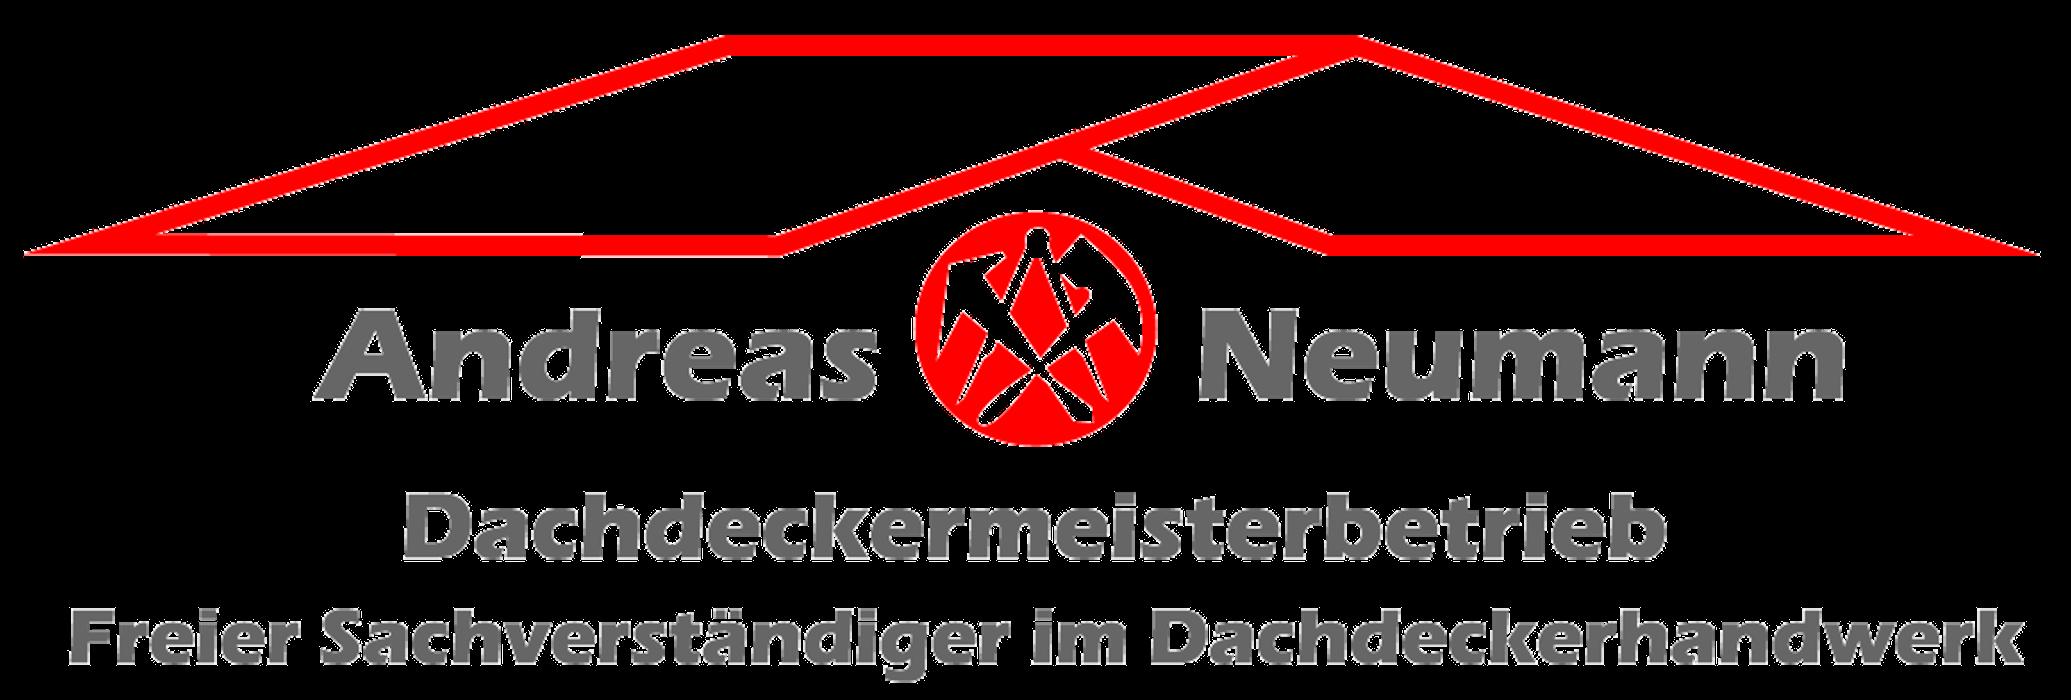 Bild zu Dachdeckermeisterbetrieb Andreas Neumann in Leichlingen im Rheinland